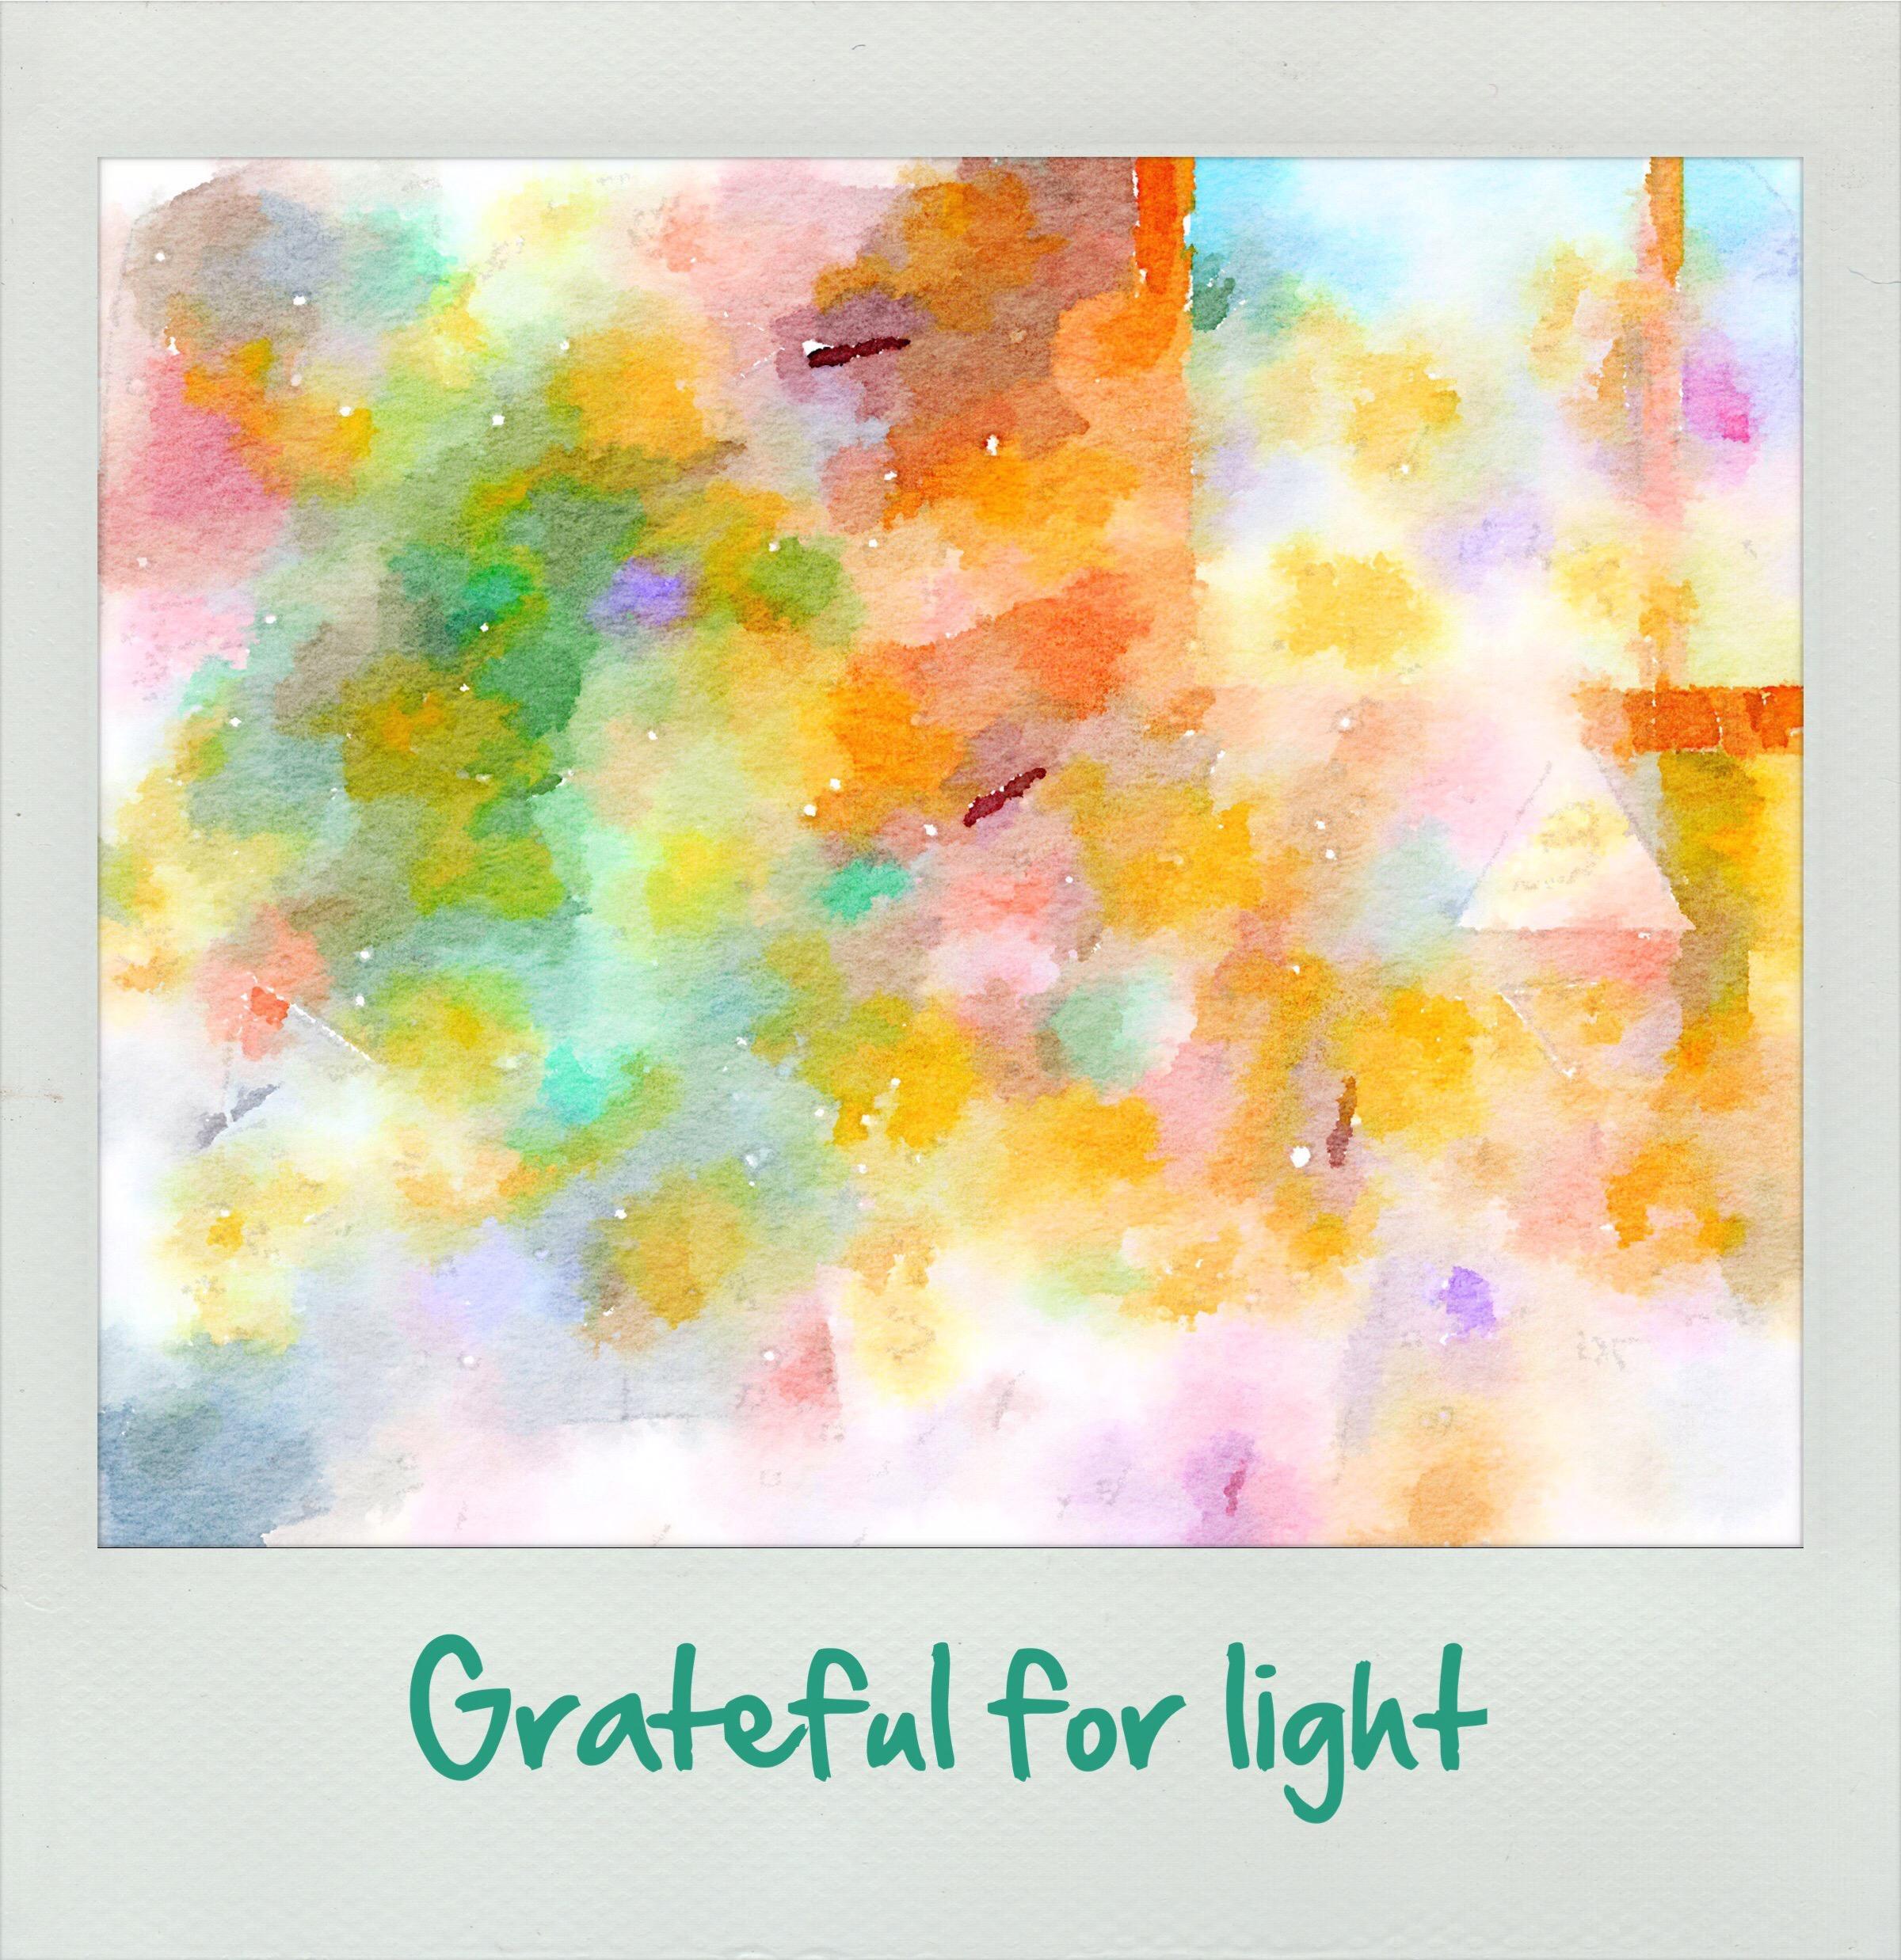 Grateful for light